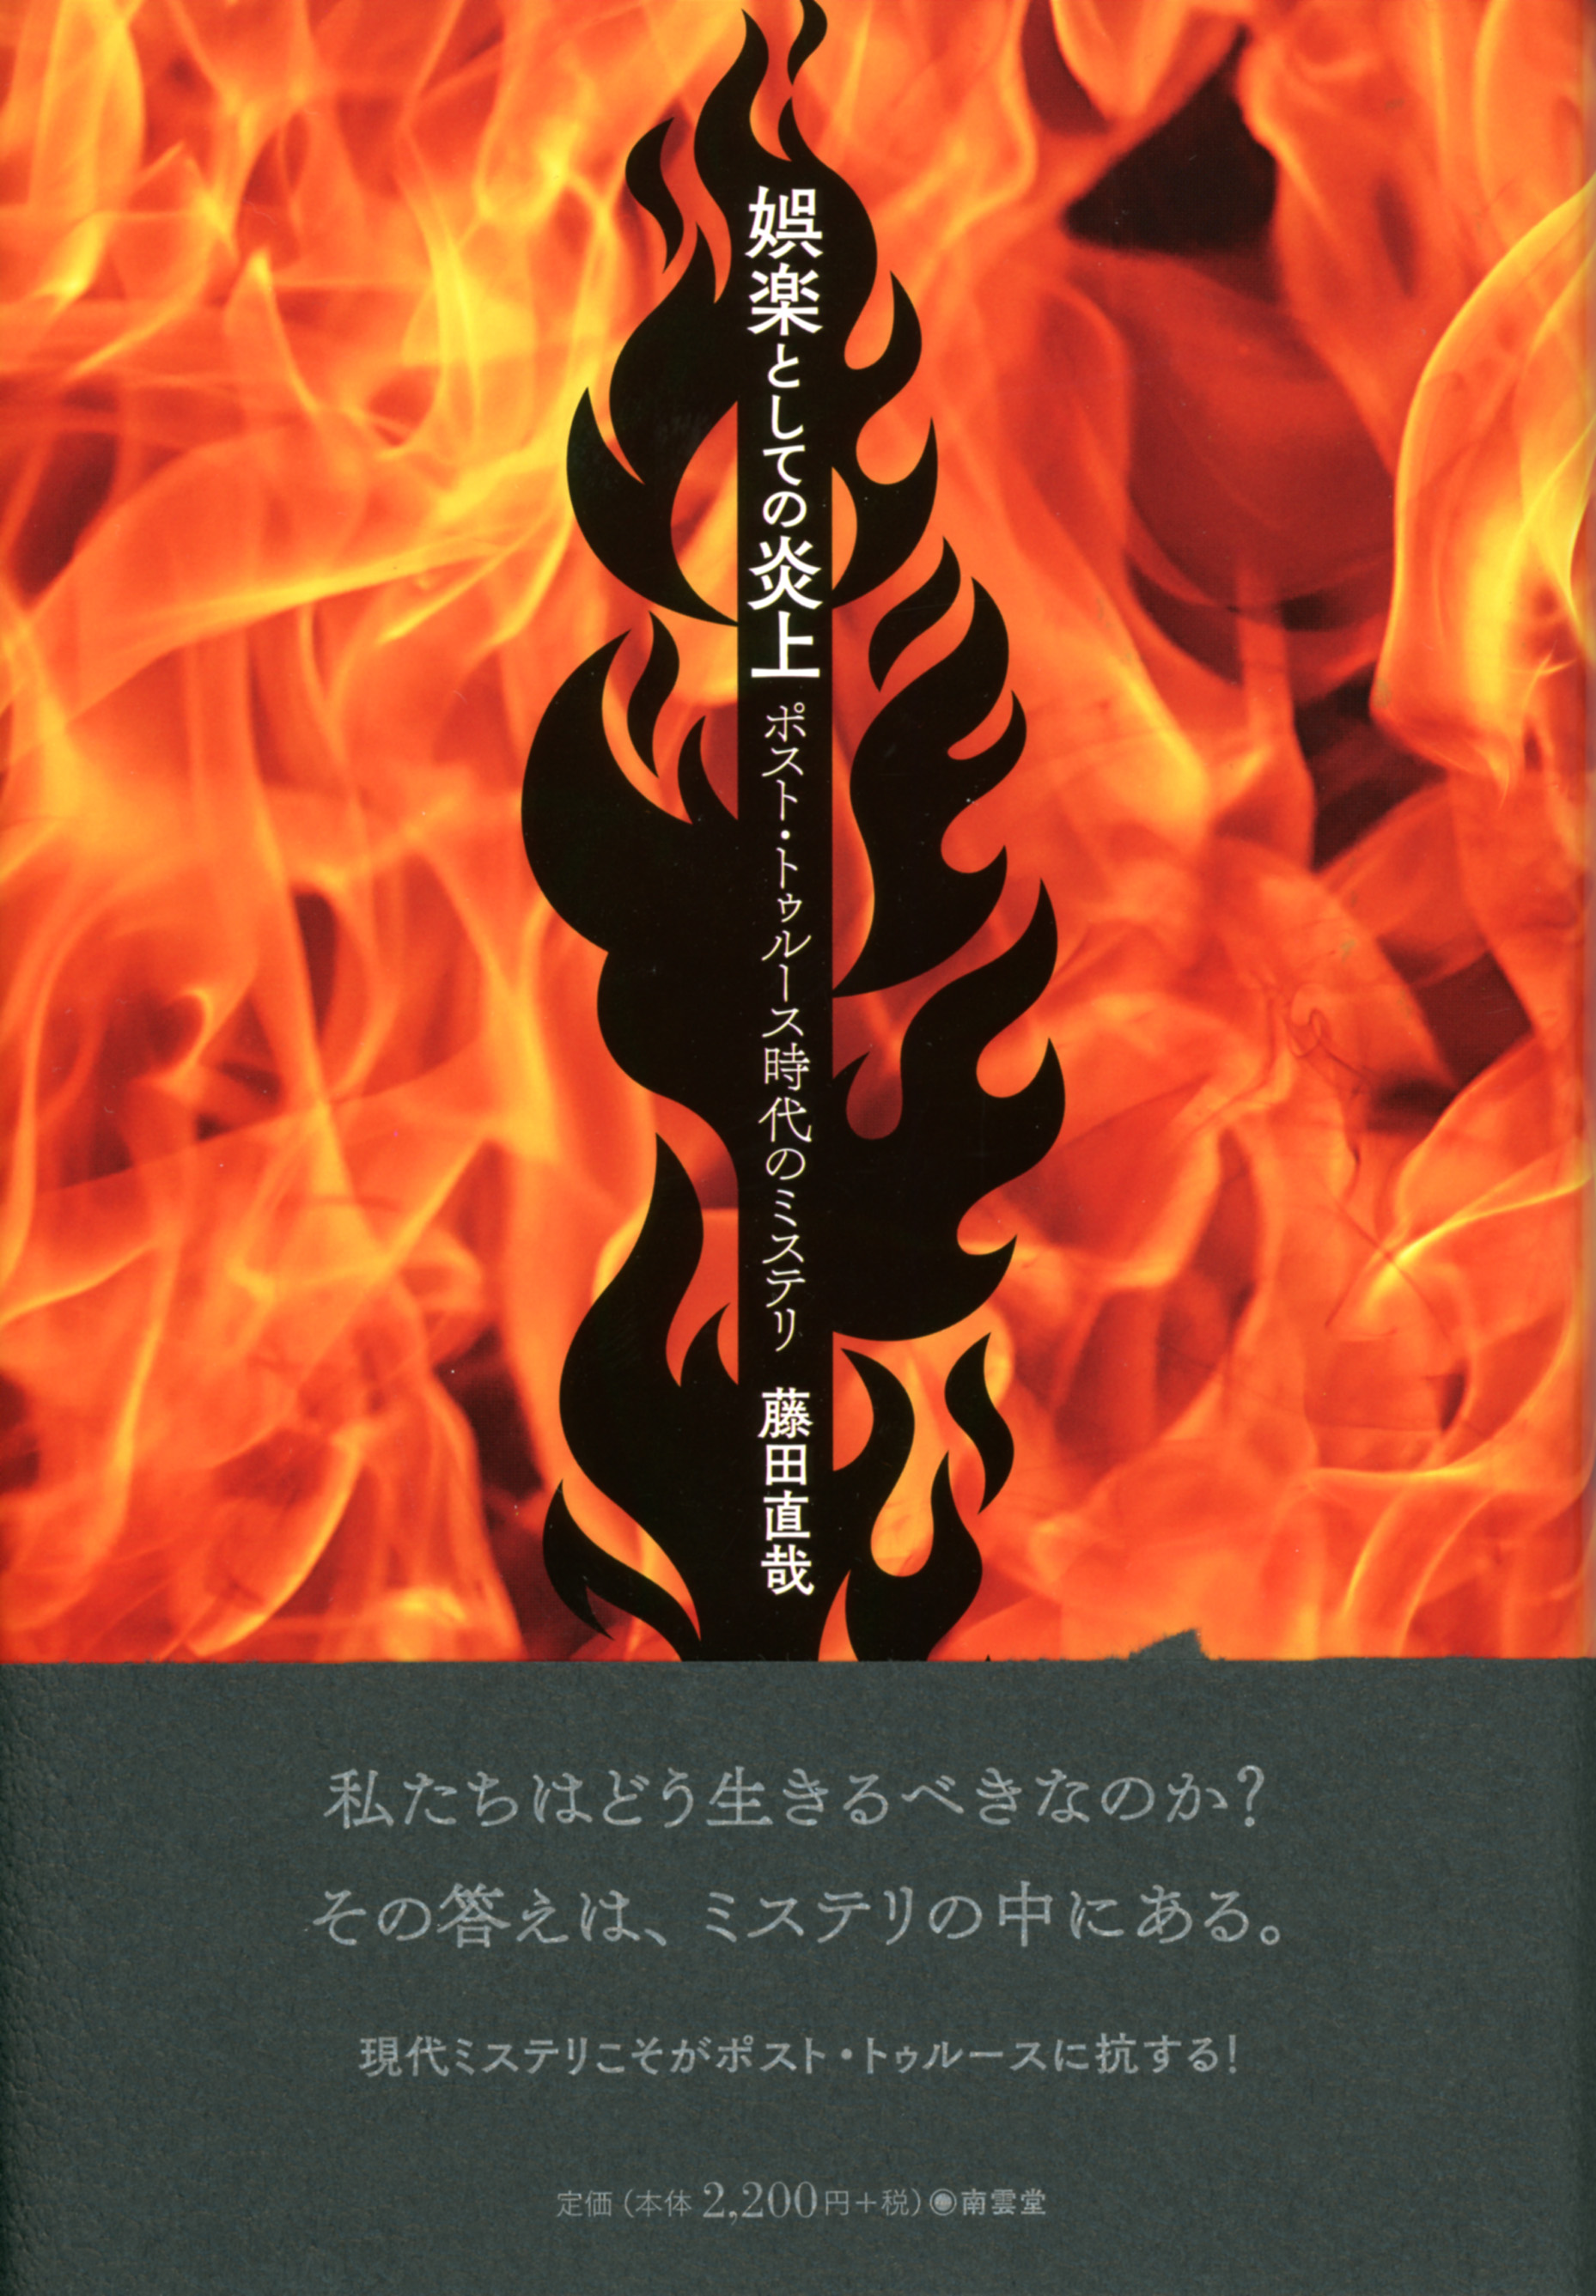 『娯楽としての炎上』が第19回本格ミステリ大賞 評論・研究部門賞の候補になりました